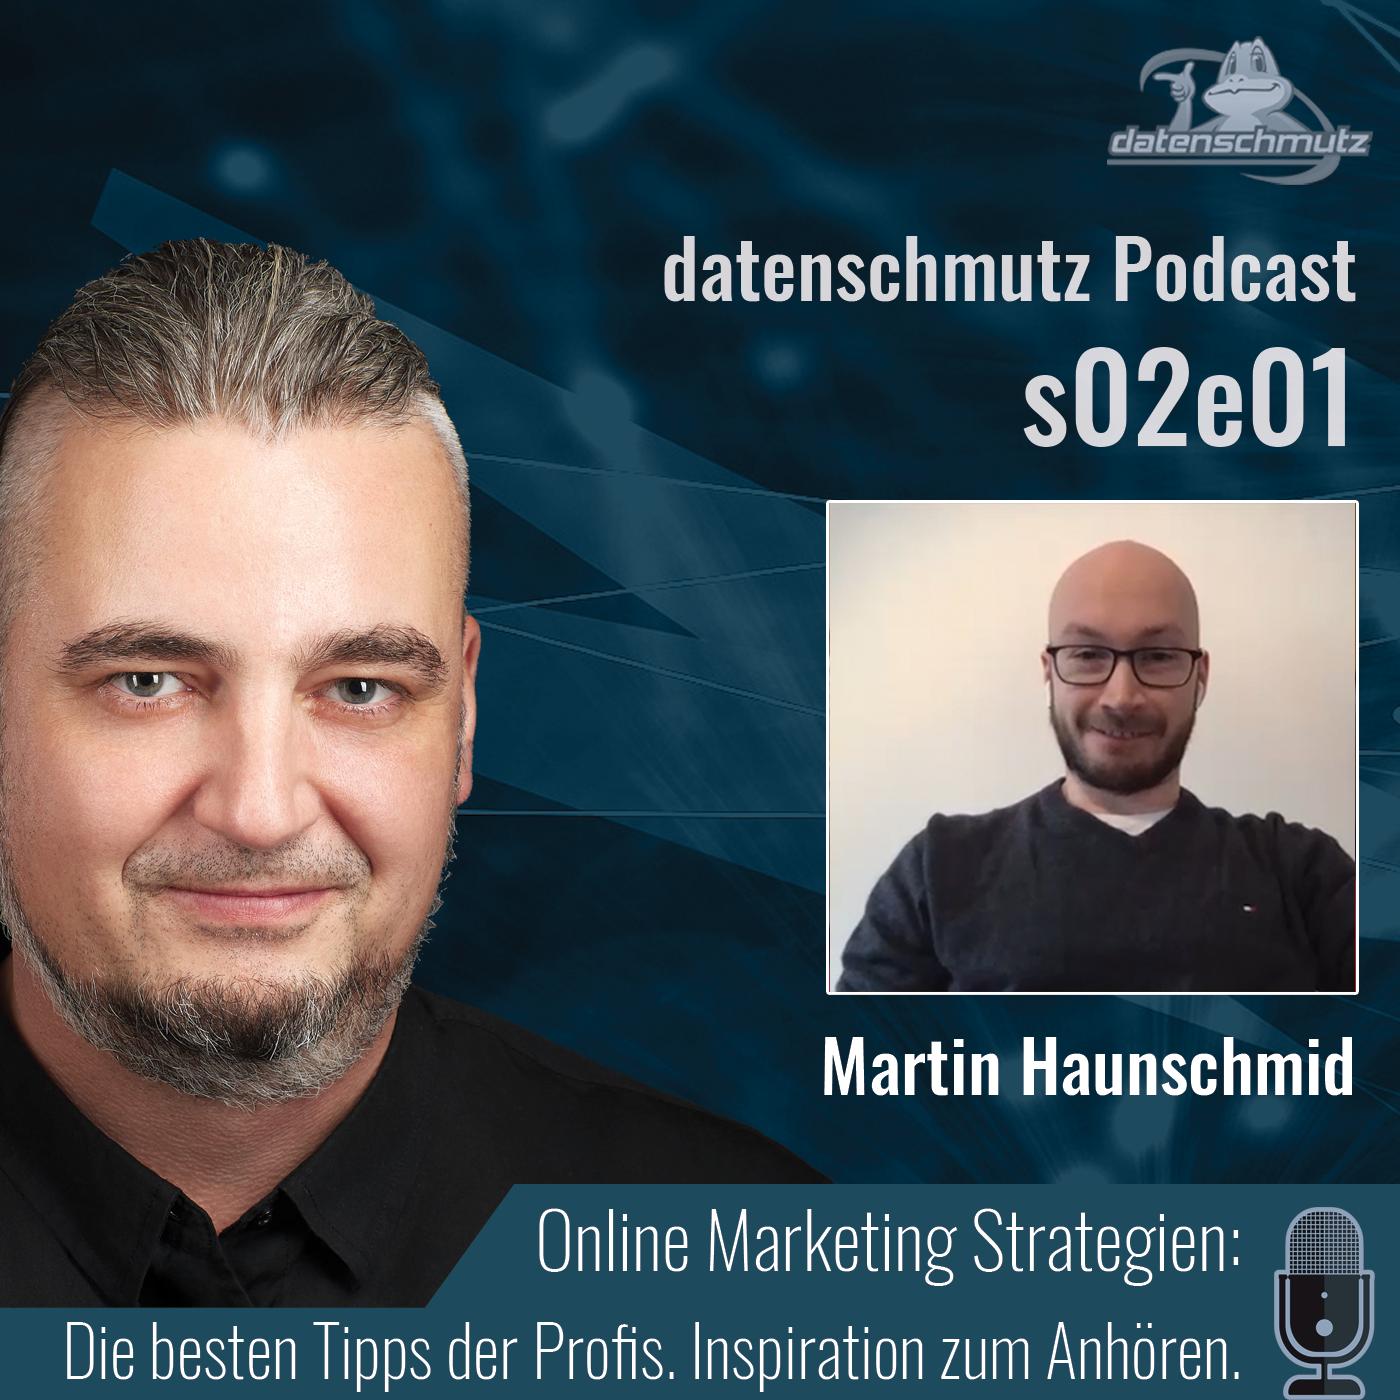 Martin Haunschmid im datenschmutz Podcast